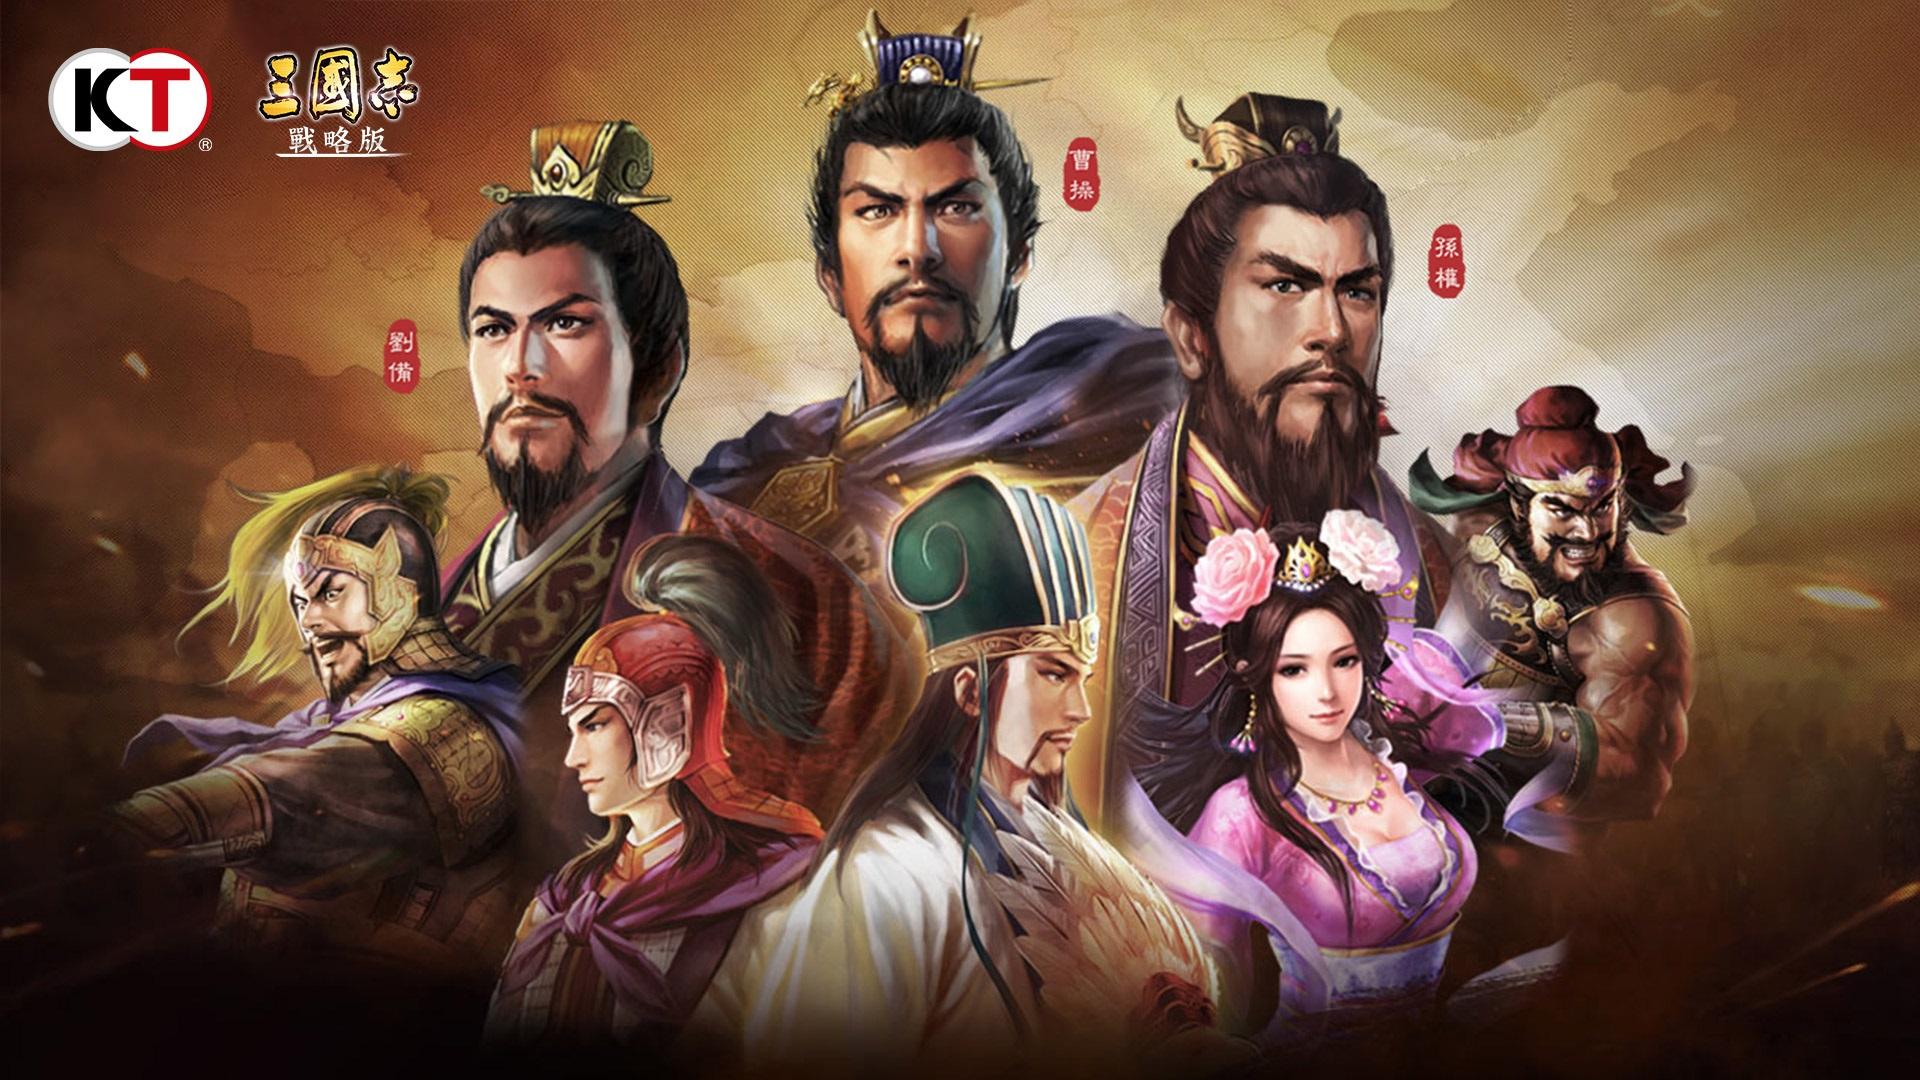 《三國志.戰略版》台灣代理權確定,光榮三國志革新手遊即將登場